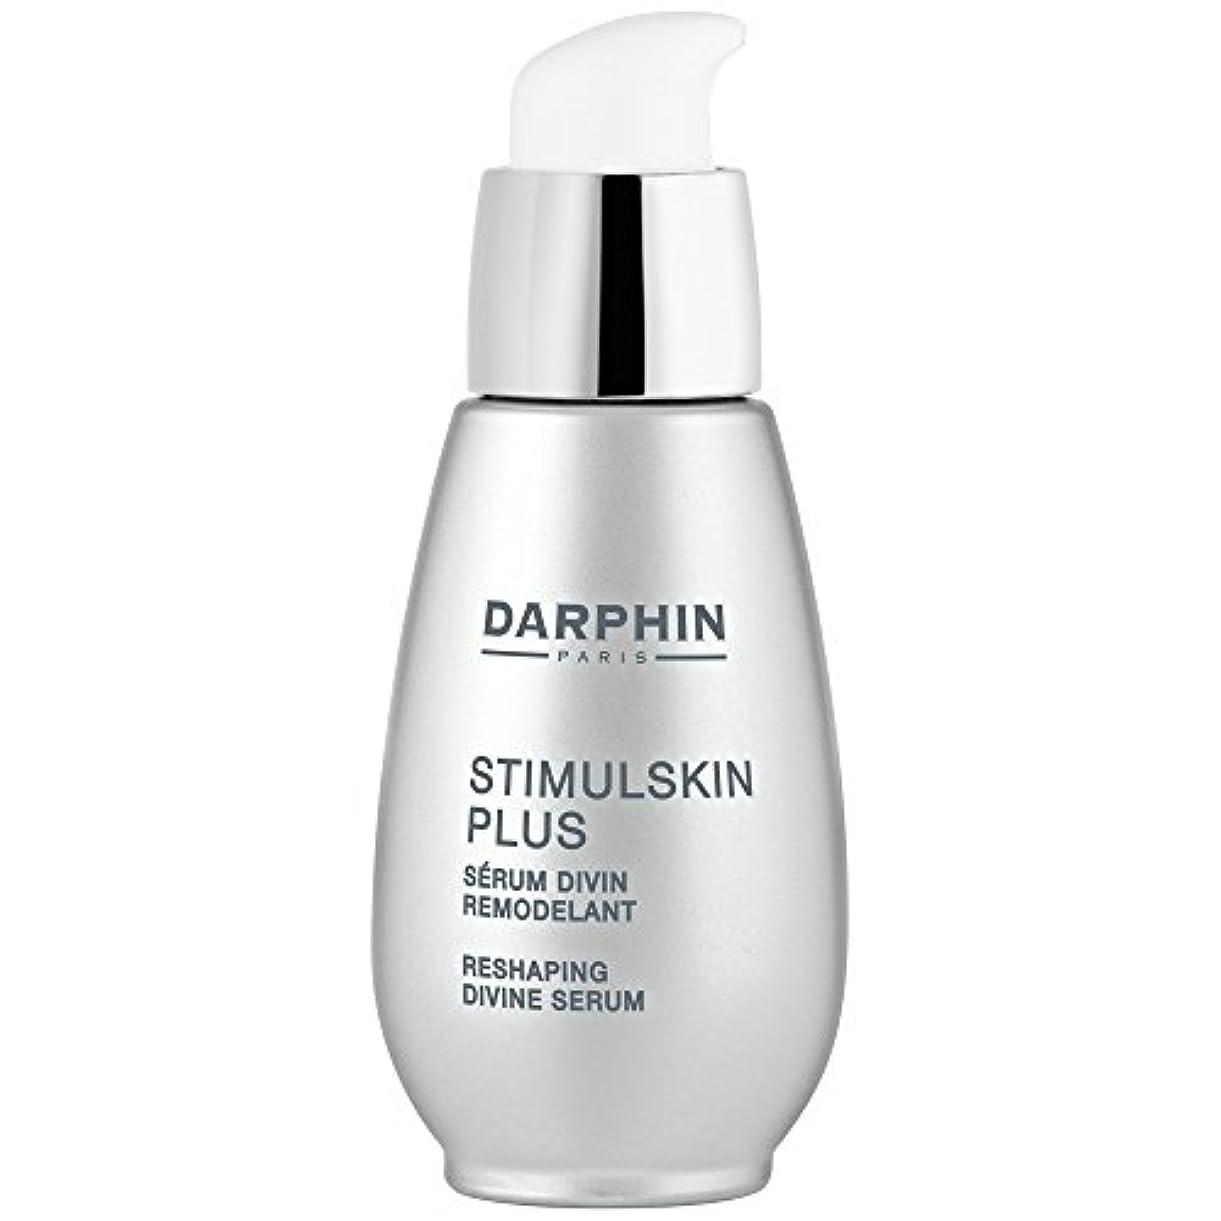 アトラスストローク制約ダルファンスティプラス神整形血清15ミリリットル (Darphin) (x2) - Darphin Stimulskin Plus Divine Reshaping Serum 15ml (Pack of 2) [並行輸入品]